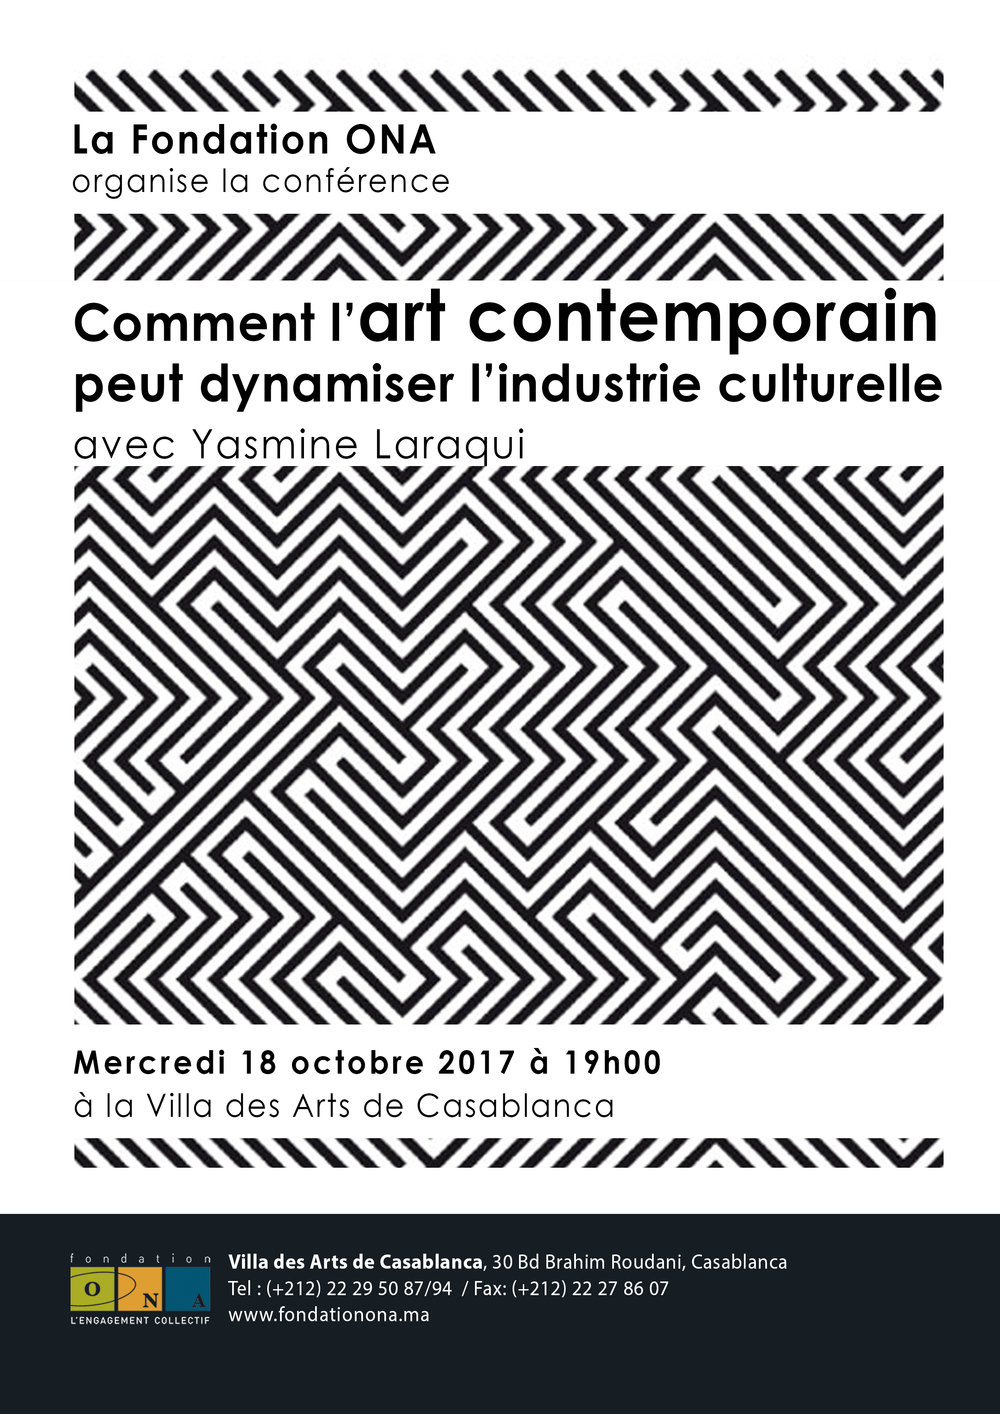 http://www.fondationona.ma/fr/nos-activites/comment-l-art-contemporain-peut-dynamiser-l-industrie-culturelle-yasmine-laraqui  https://fr.linkedin.com/pulse/compte-rendu-de-la-conf%C3%A9rence-comment-lart-peut-yasmine-laraqui